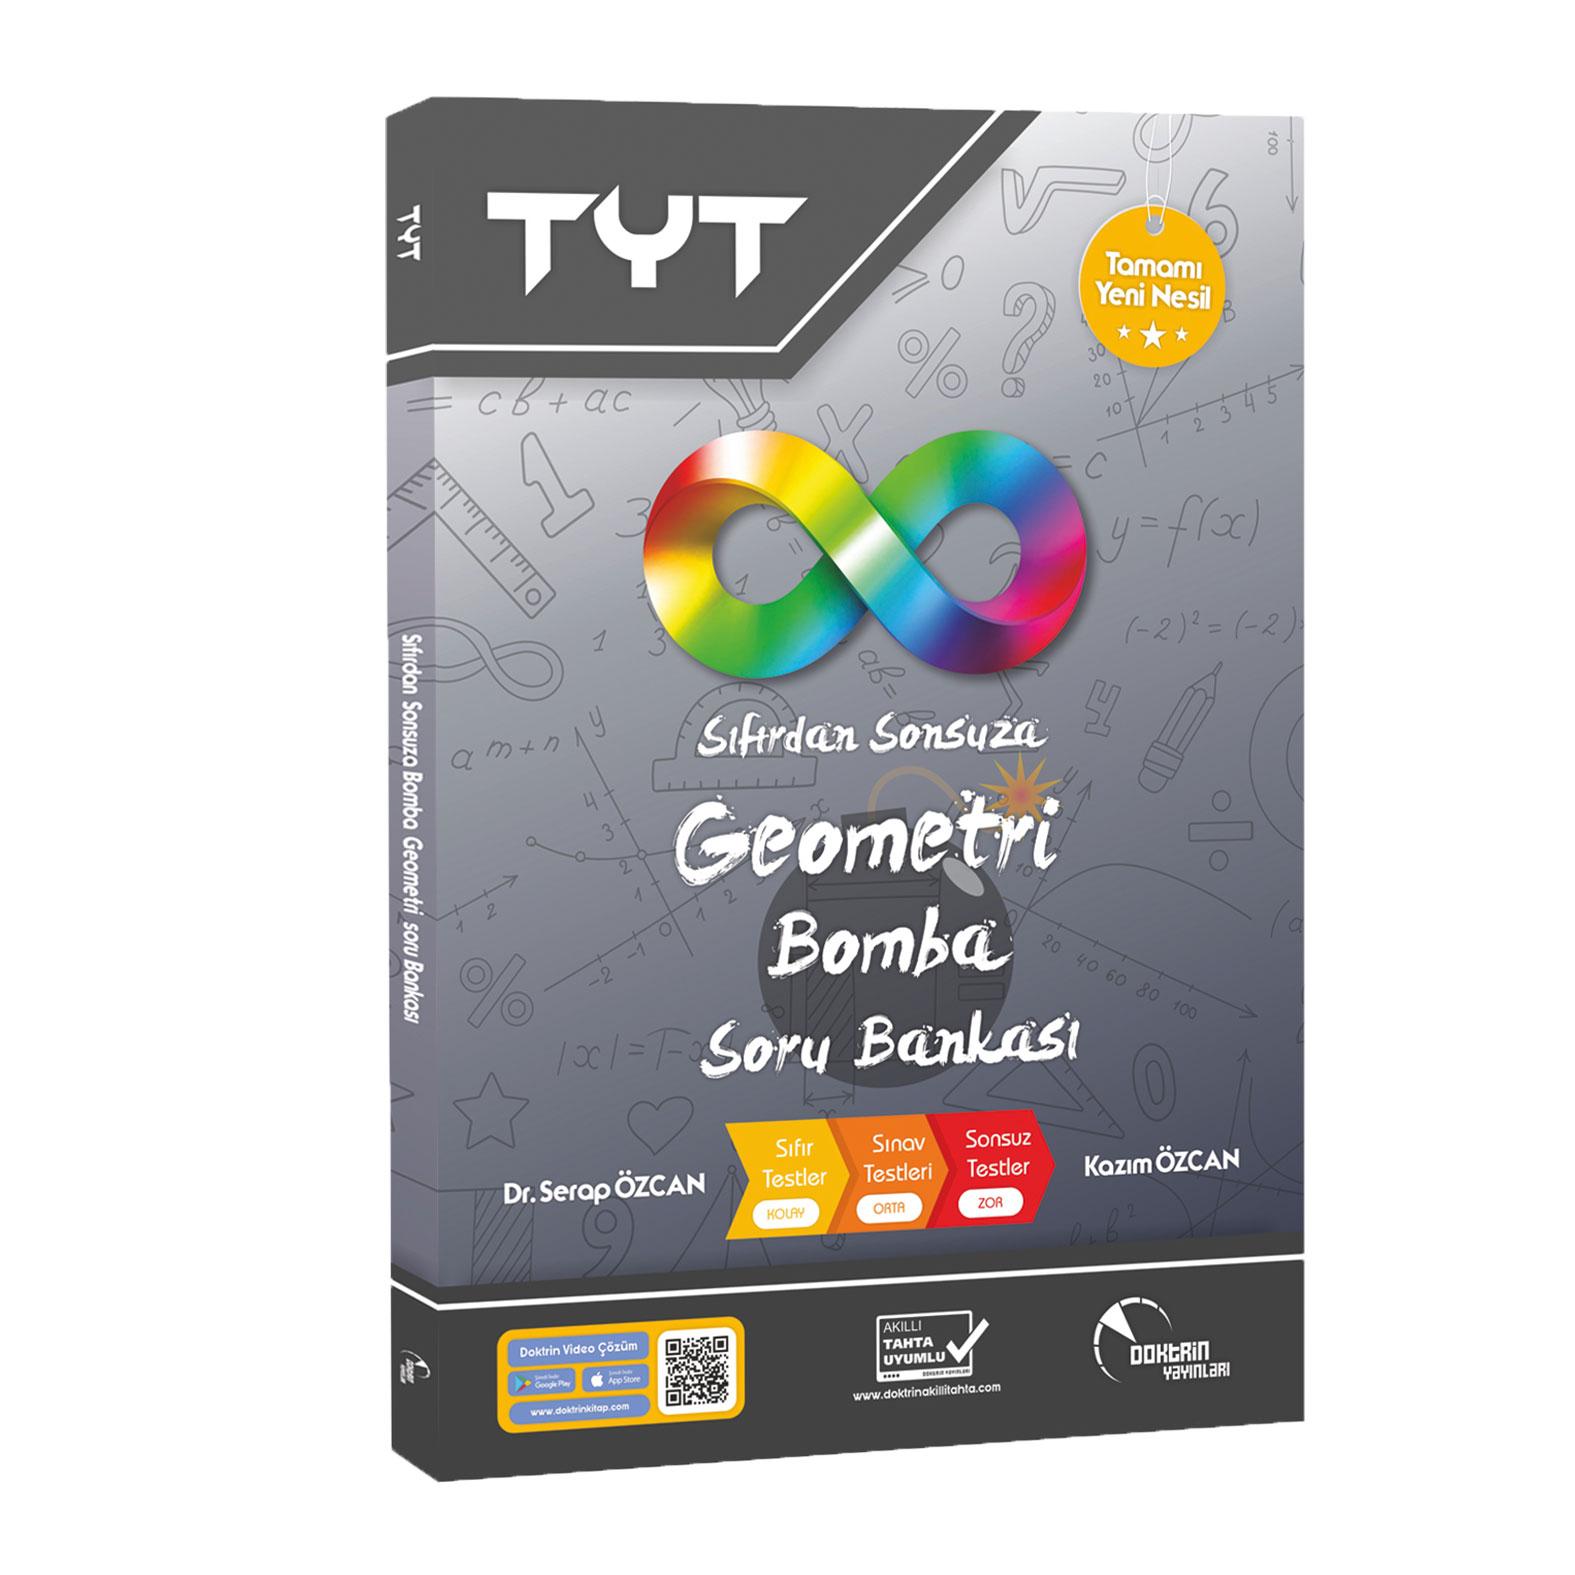 TYT Sıfırdan Sonsuza Bomba Geometri Soru Bankası (Yeni Nesil)